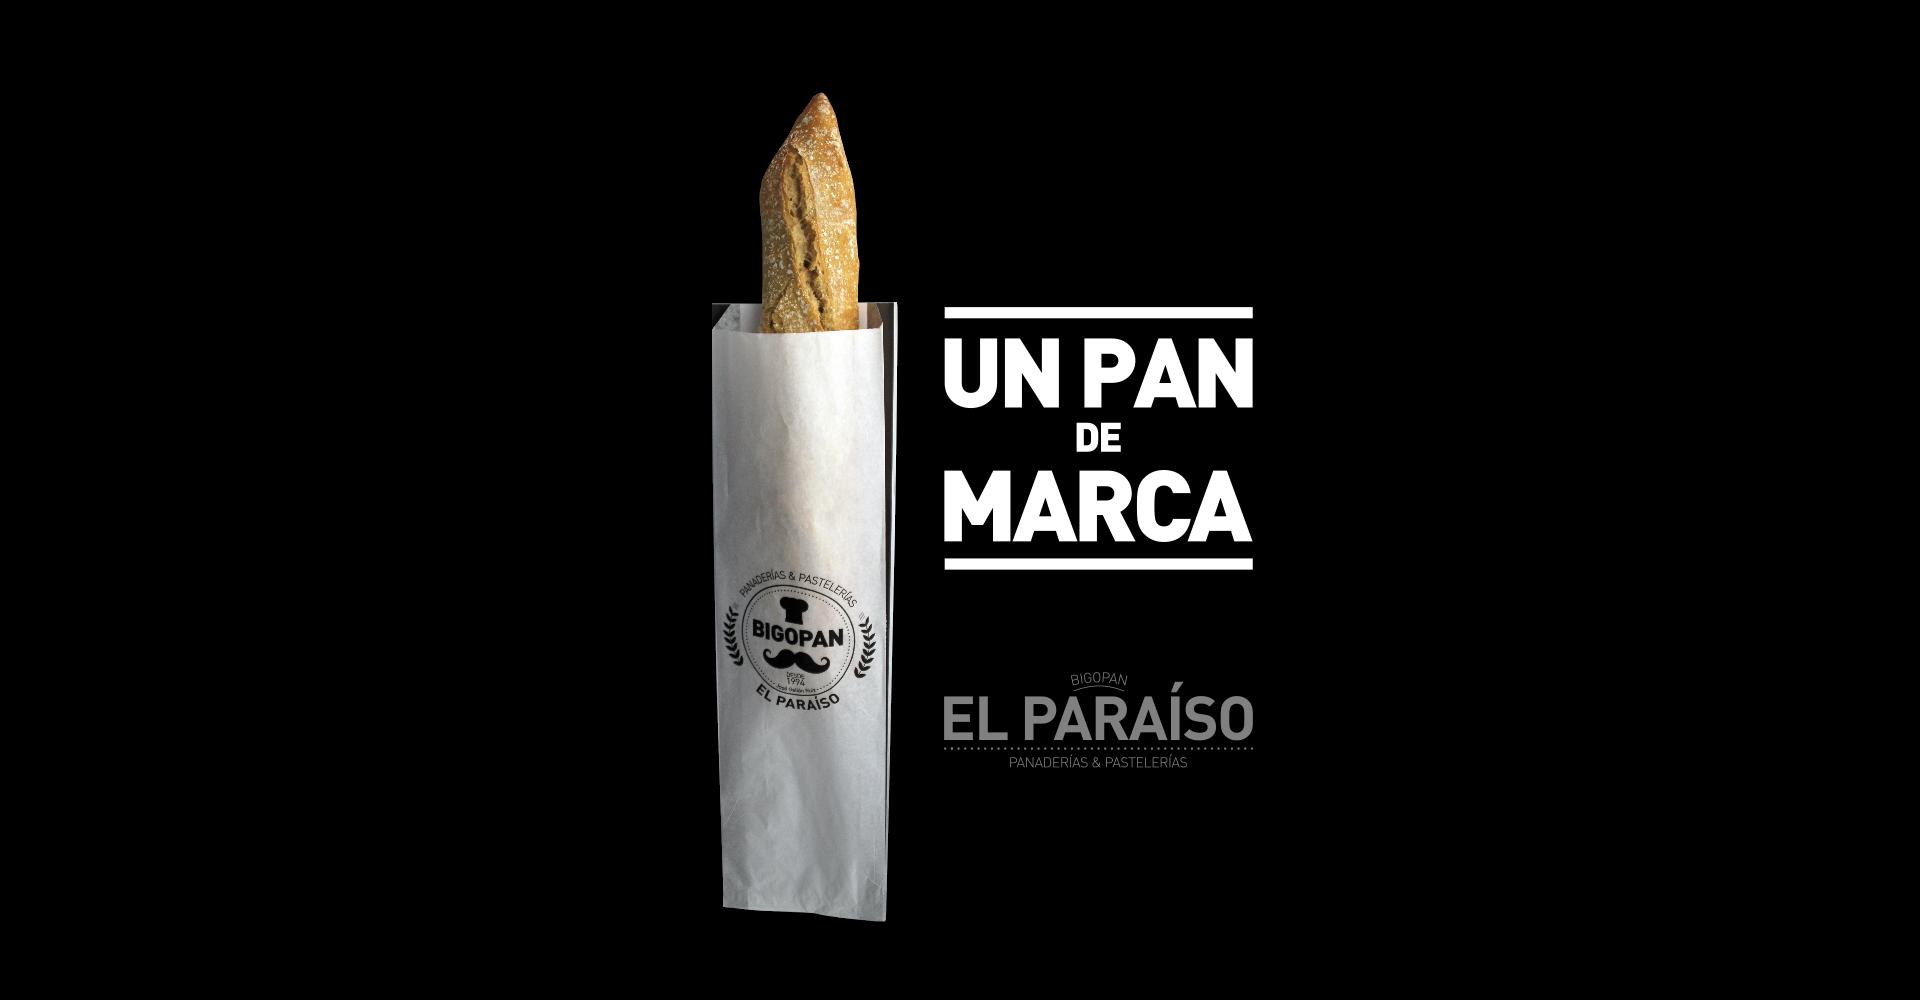 Un pan de marca